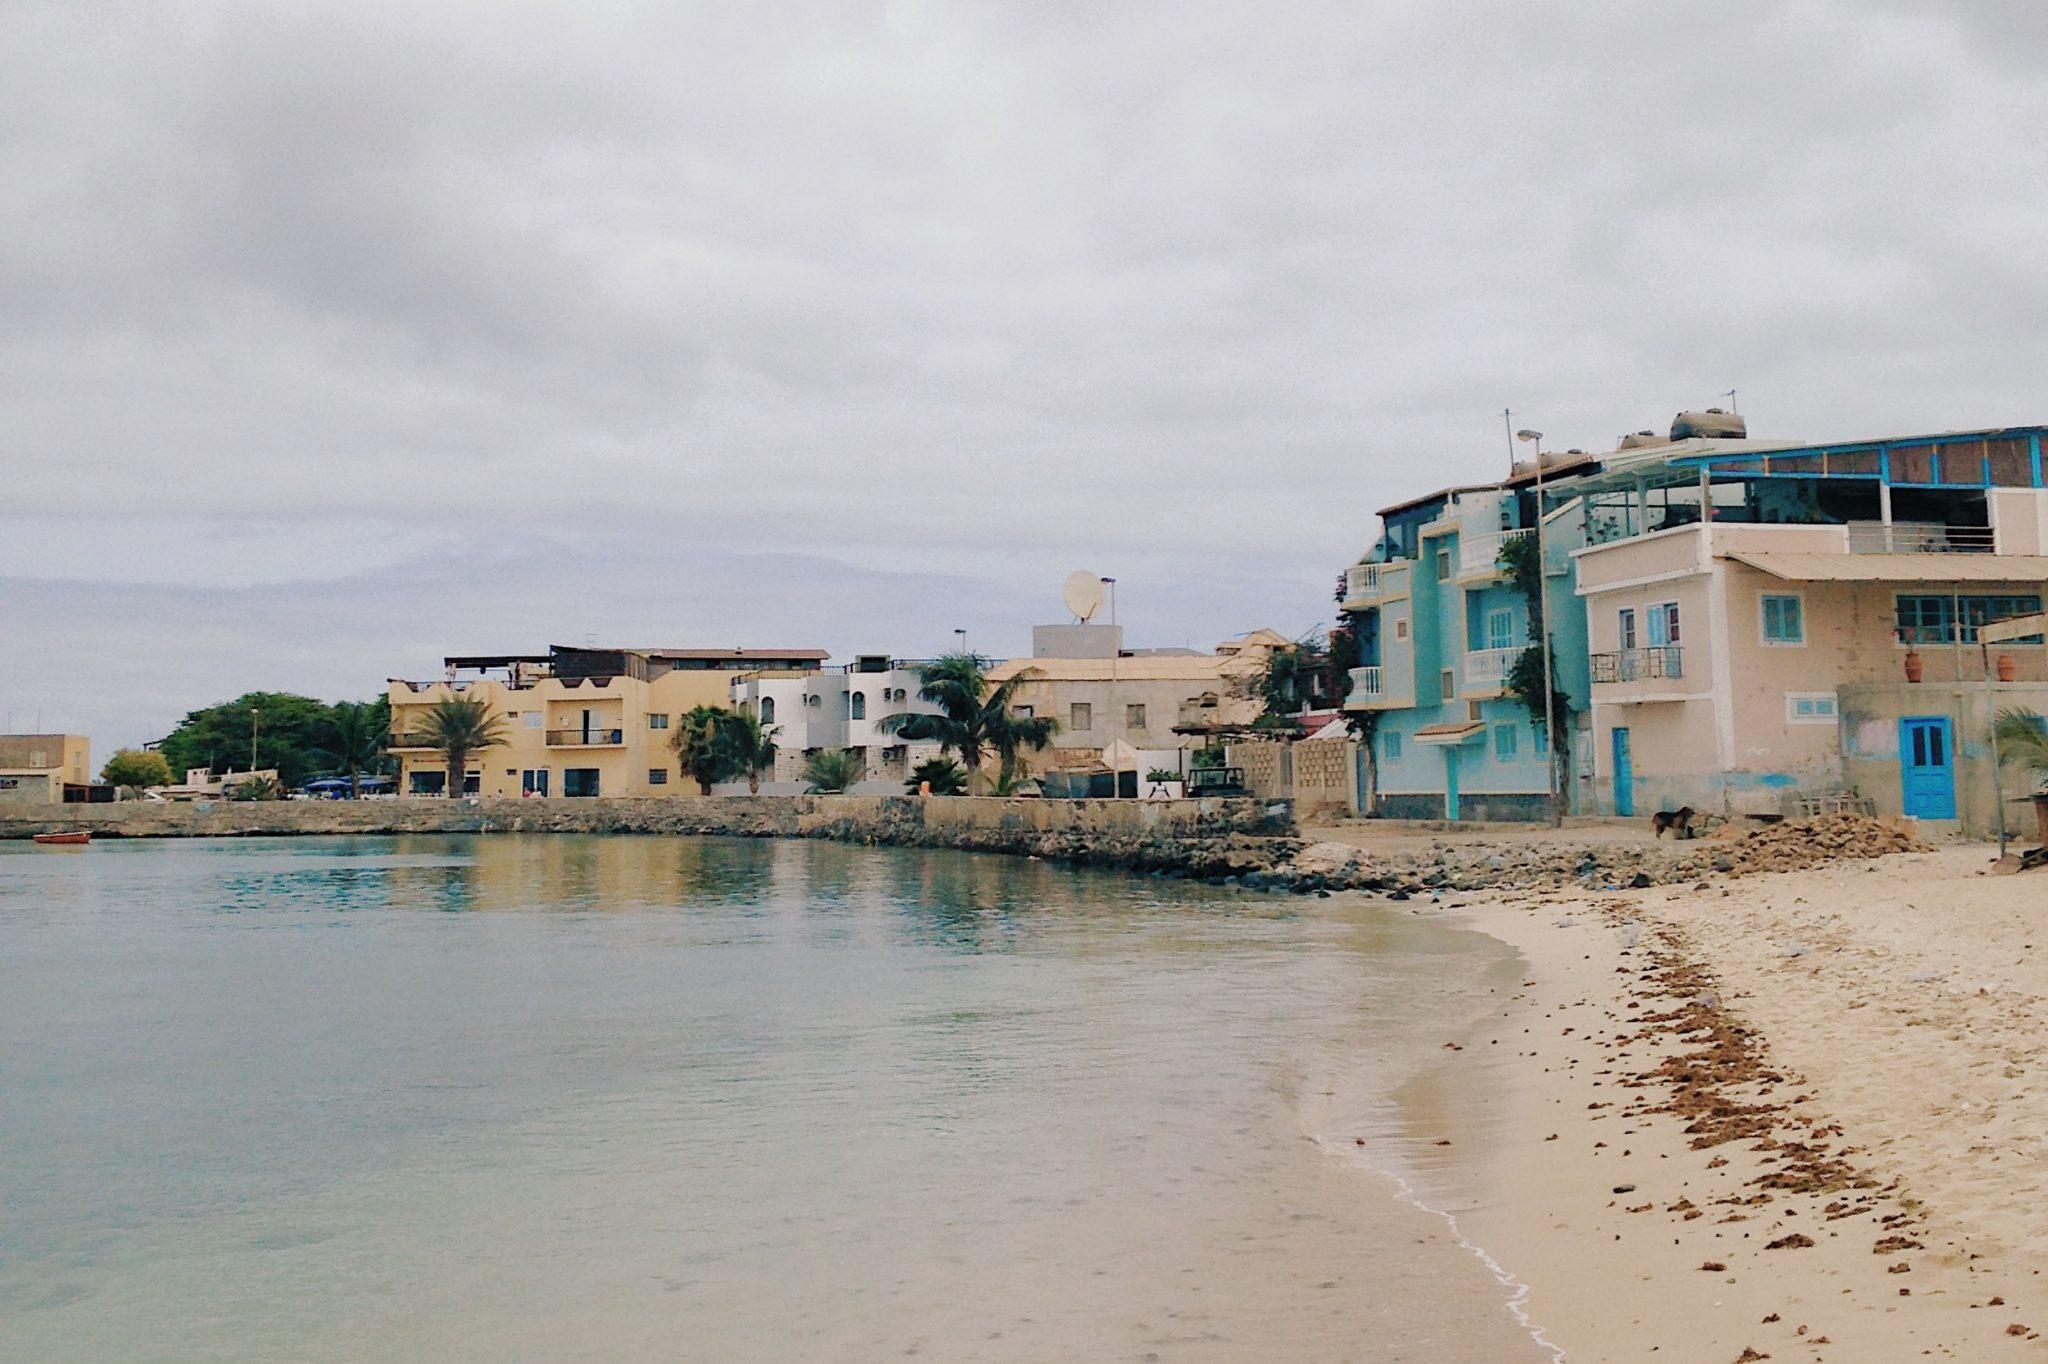 Des petites habitations de pêcheurs au bord de l'eau